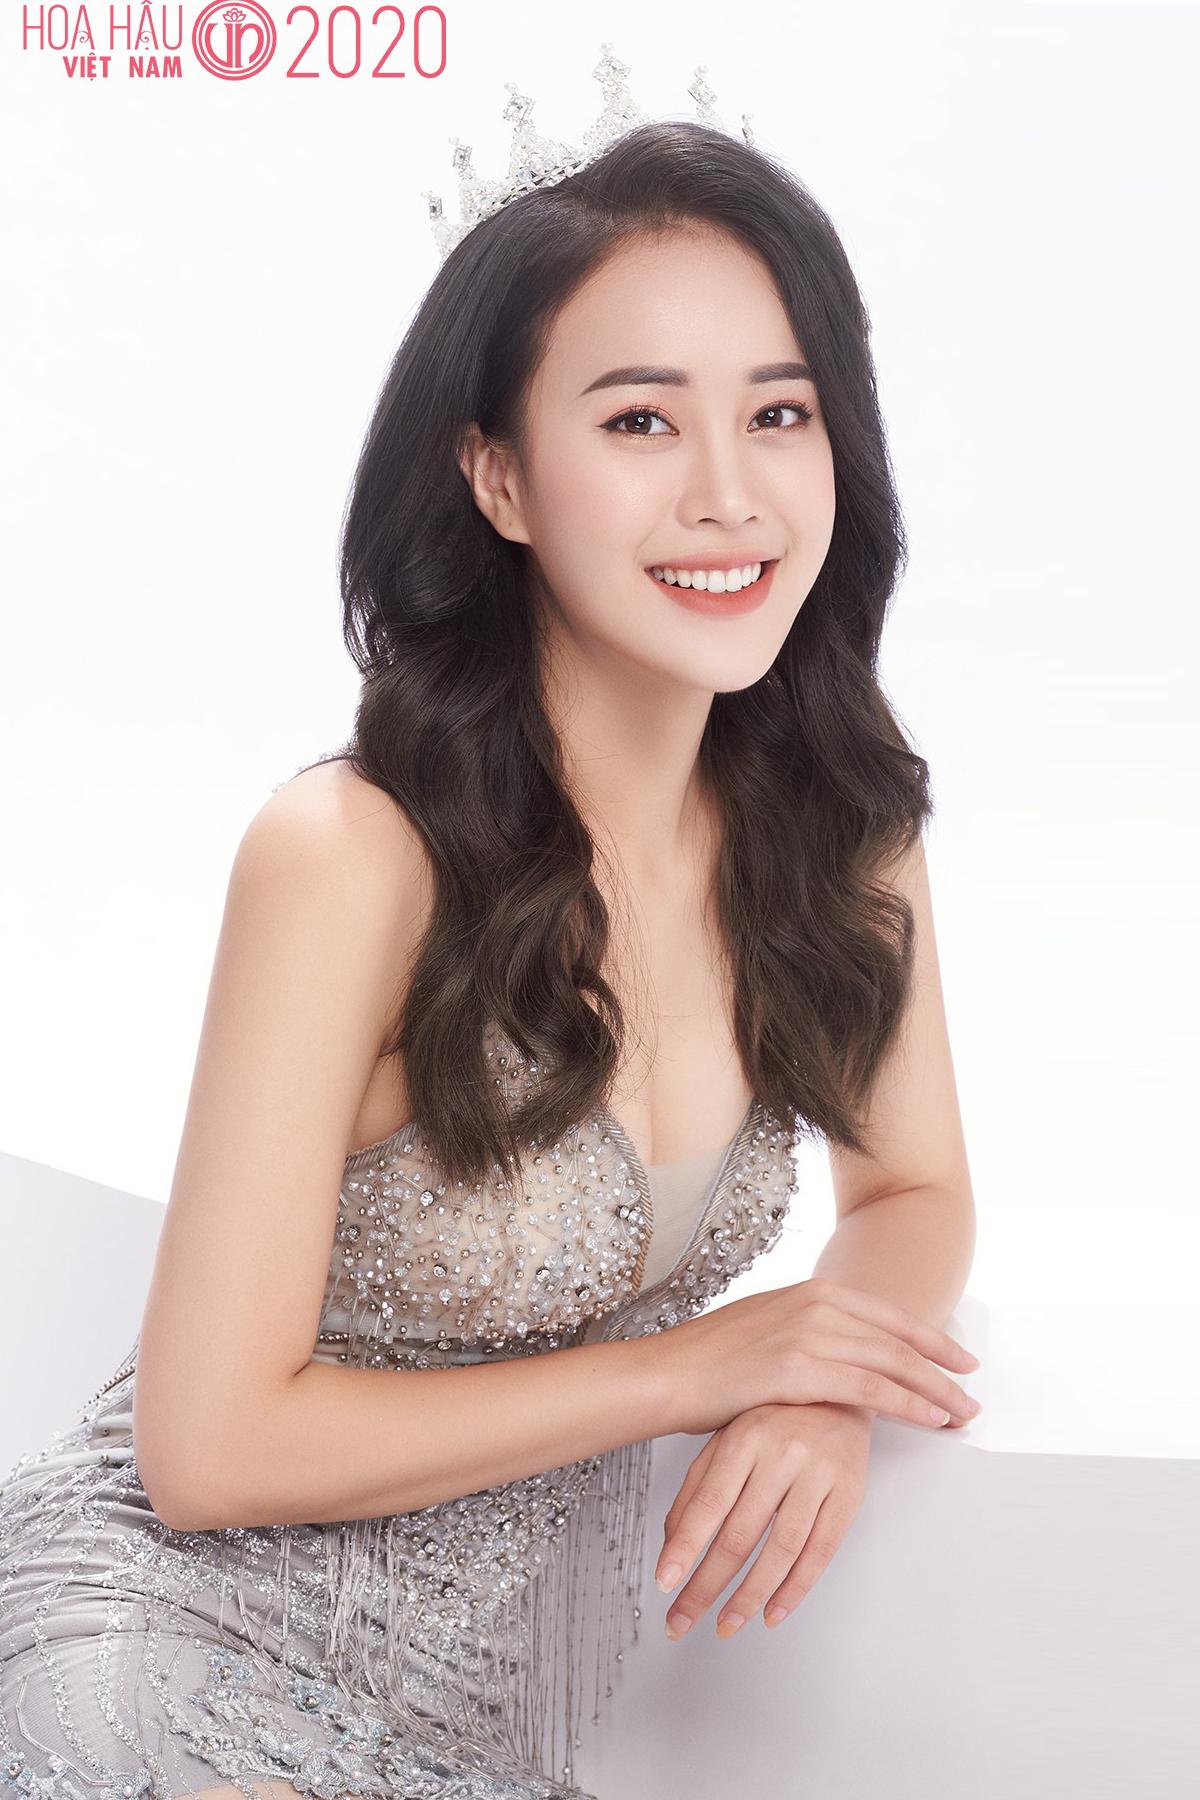 Trong các thí sinh mới đăng ký Hoa hậu Việt Nam 2020, Ngô Thị Mai Phương gây chú ý vì là một MC truyền hình quen mặt. Cô xuất hiện trong nhiều chương trình hot trên VTV3, VTV6, đặc biệt quen thuộc cùng các khán giả trẻ của Bữa trưa vui vẻ. Việc Mai Phương quyết định thử sức ở cuộc thi năm nay khiến nhiều người bất ngờ.